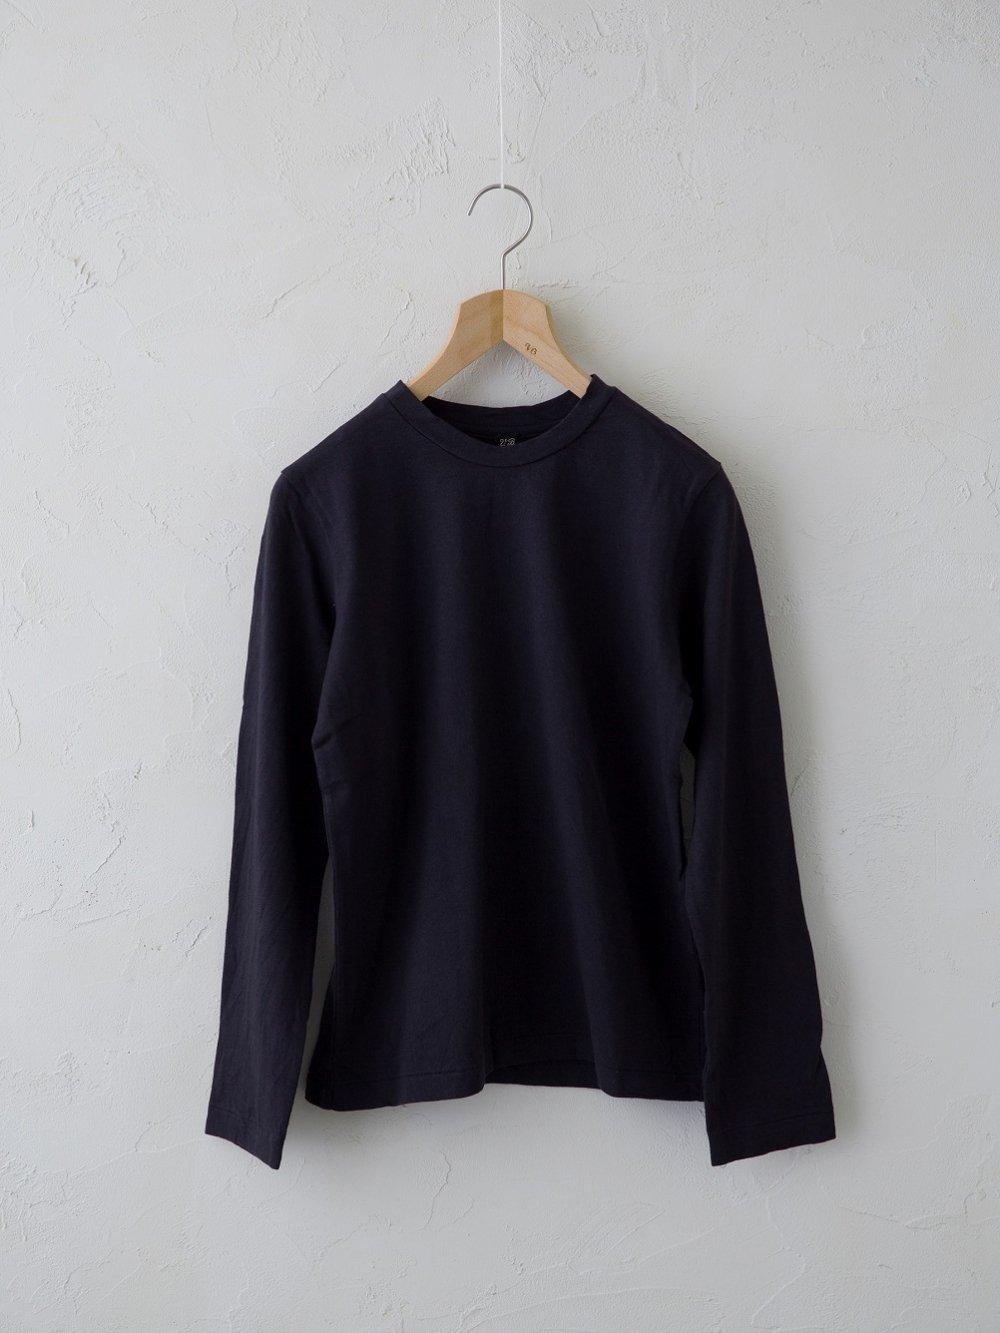 & Twelve Linen(天竺)長袖Tシャツ (Ladies' & Men's)